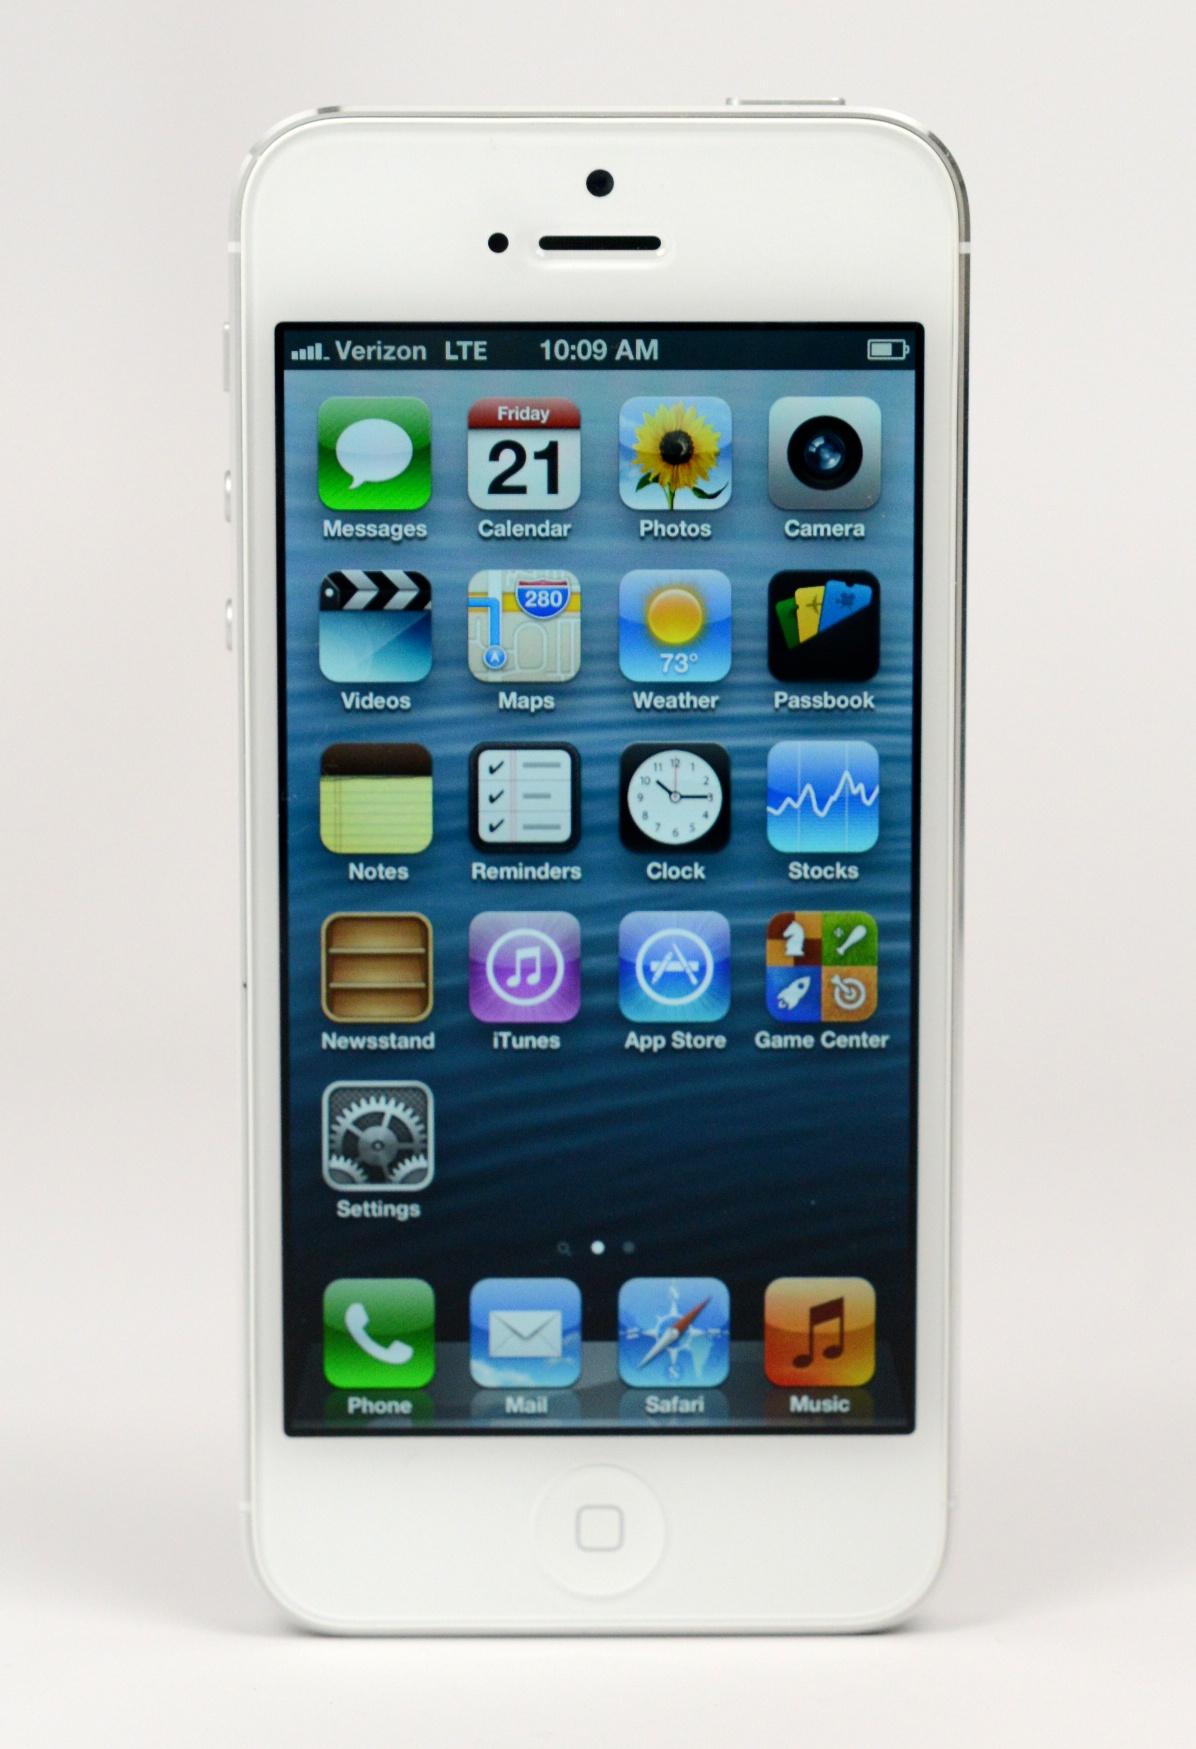 Iphone 5 как сделать фото на весь экран